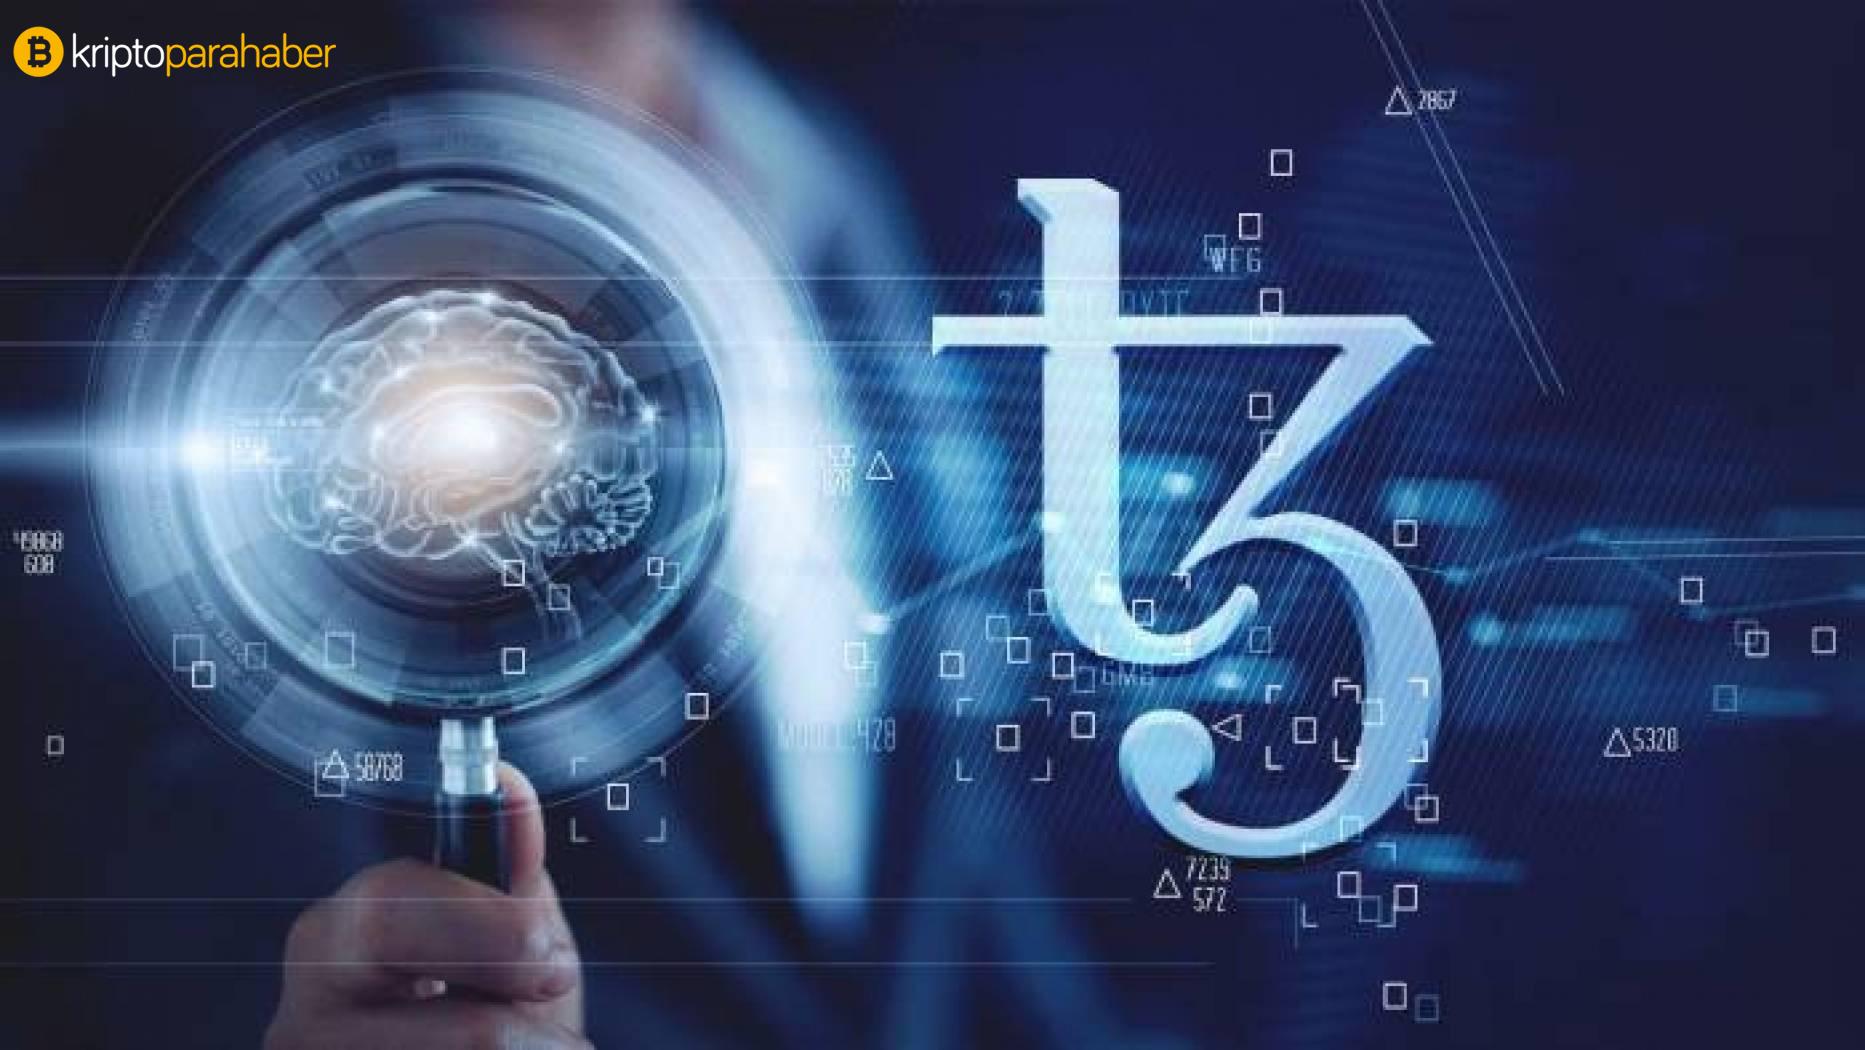 Tezos fiyat tahmini ve analizi: XTZ için geniş teknik görünüm ne anlatıyor?